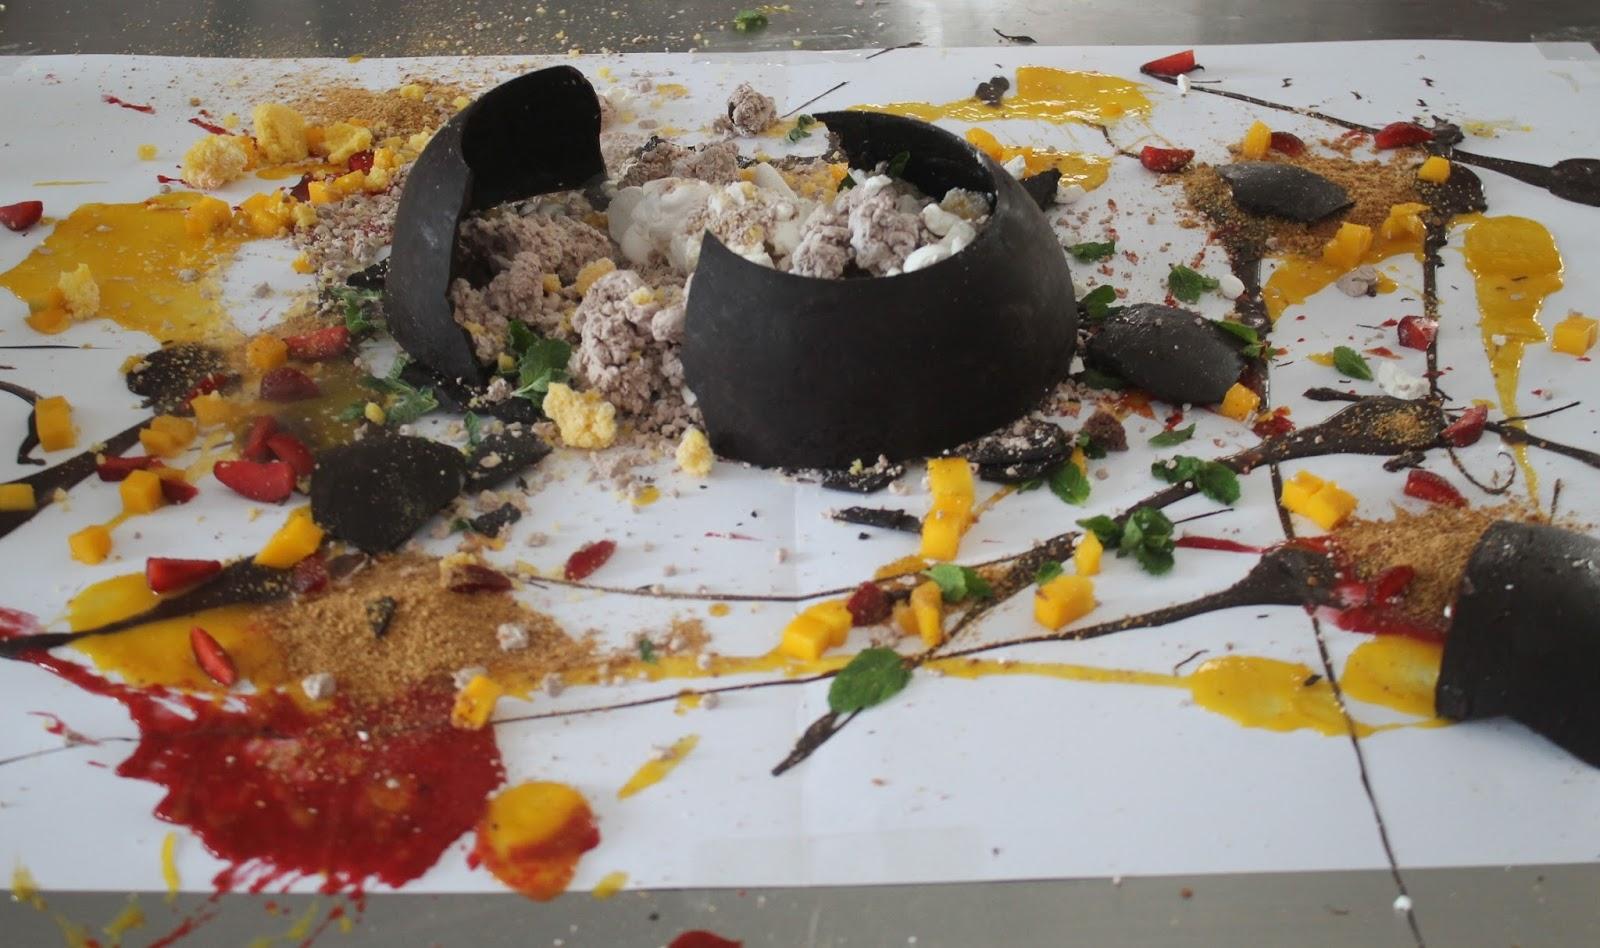 Kompas Tv Ajak Tristar Institute Bsd Syuting Bertemakan Molecular Spon Fancy Bulat Coklat Dimana Dalam Bola Cokelat Diisi Dengan Aneka Sponge Cake Mousse Dan Meringue Lalu Dituangi